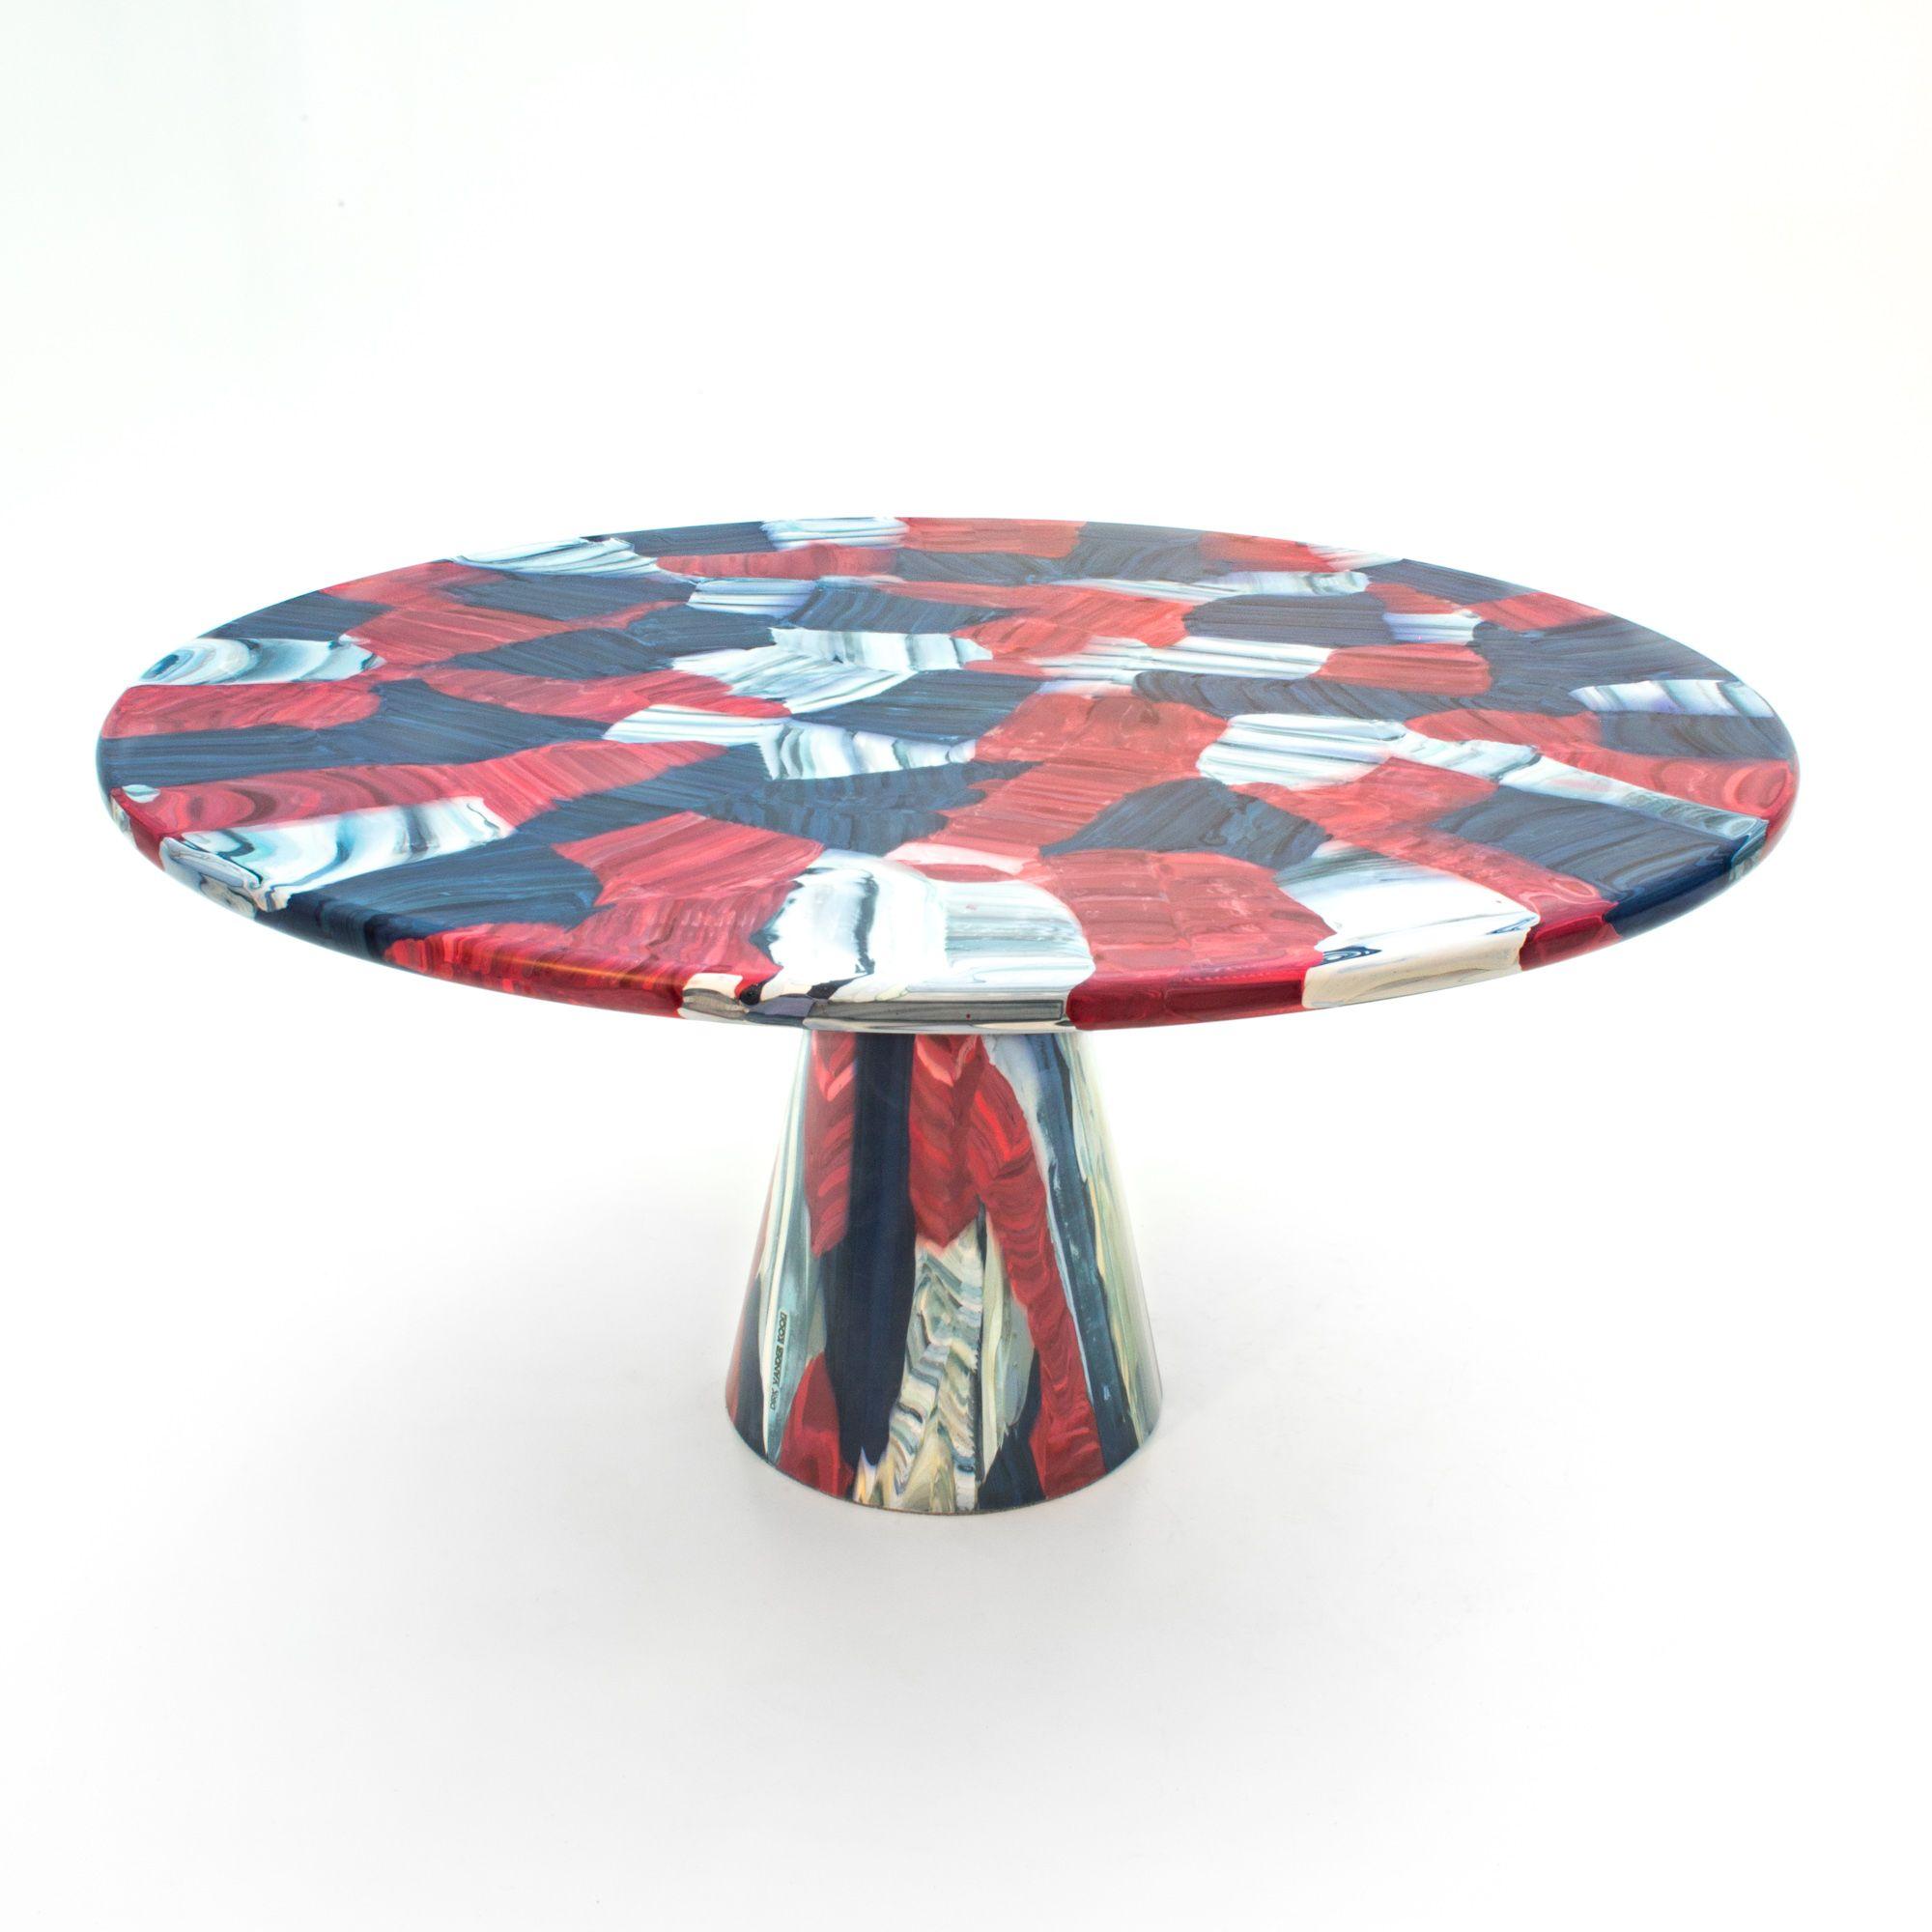 Permalink to Meilleur De De Rallonge De Table Synonyme Schème